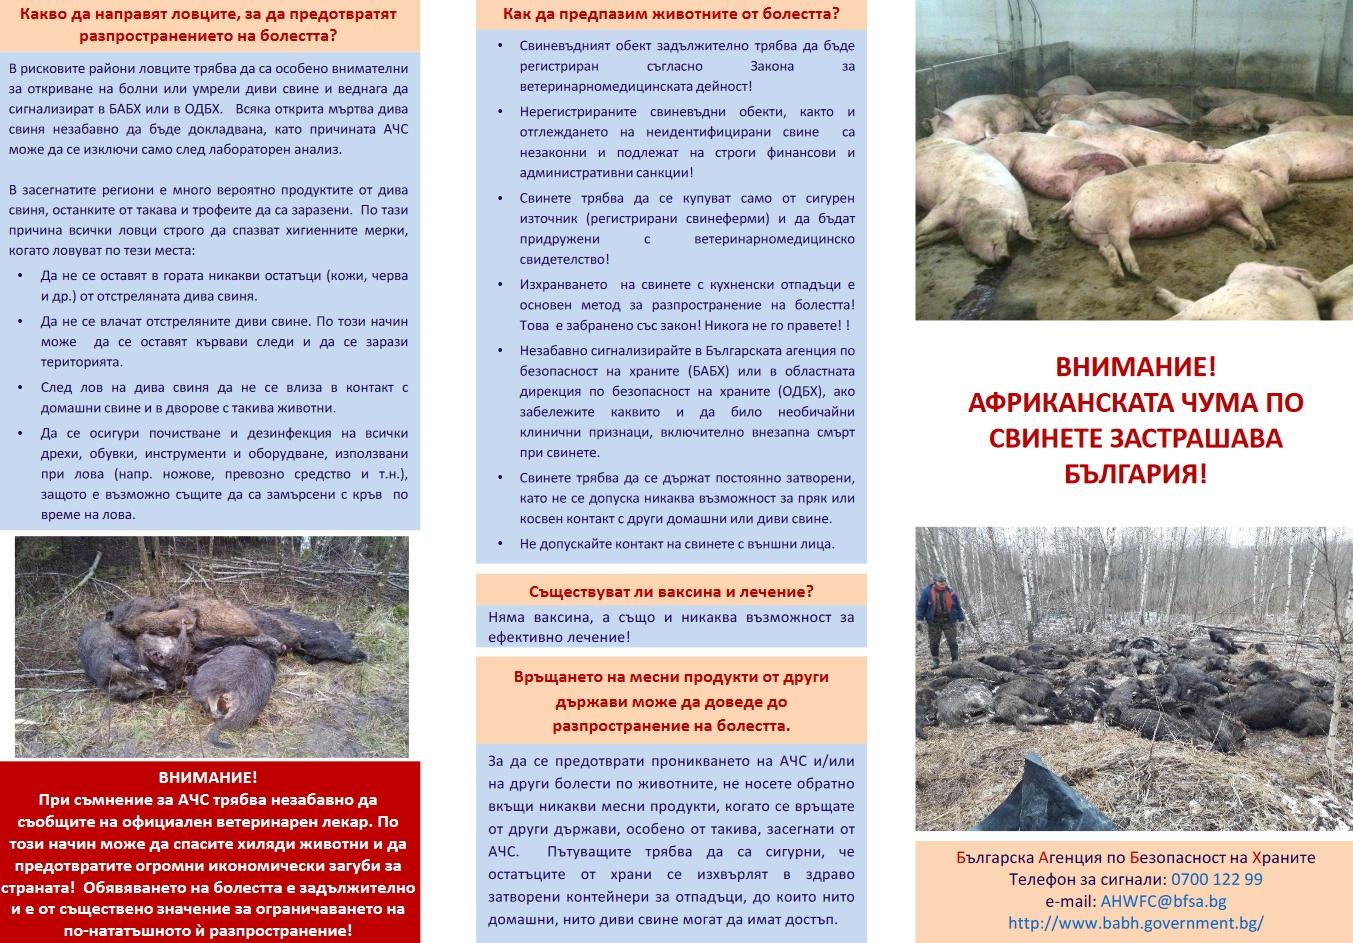 Земеделското министерство и Агенцията по безопасност на храните с разяснителна кампания за Африканската чума по свинете